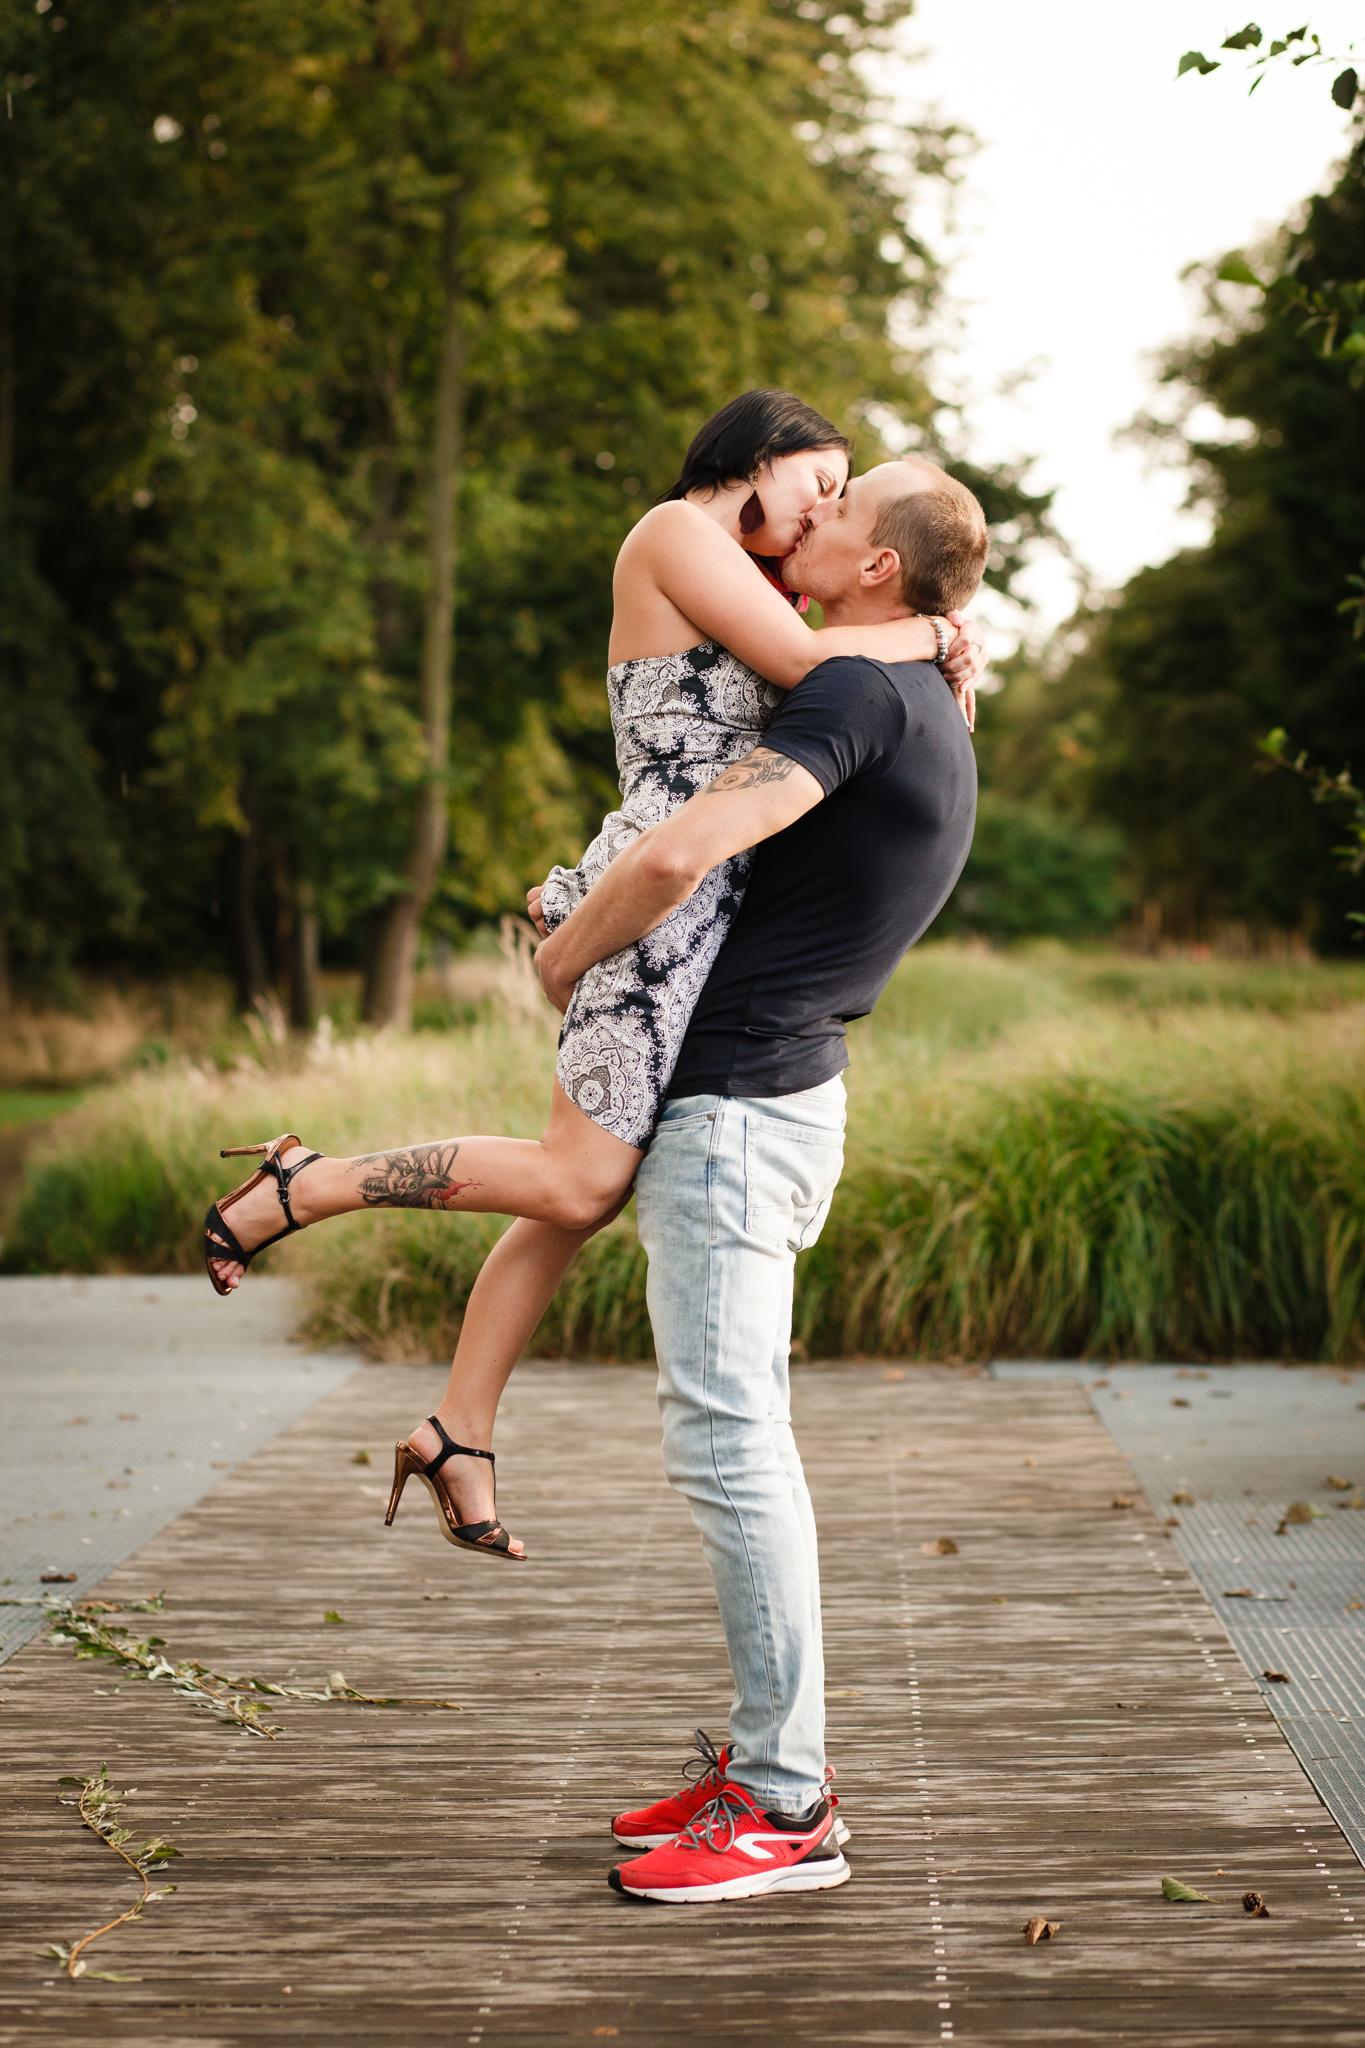 Přítel vyzdvihuje partnerku a dává ji polibek